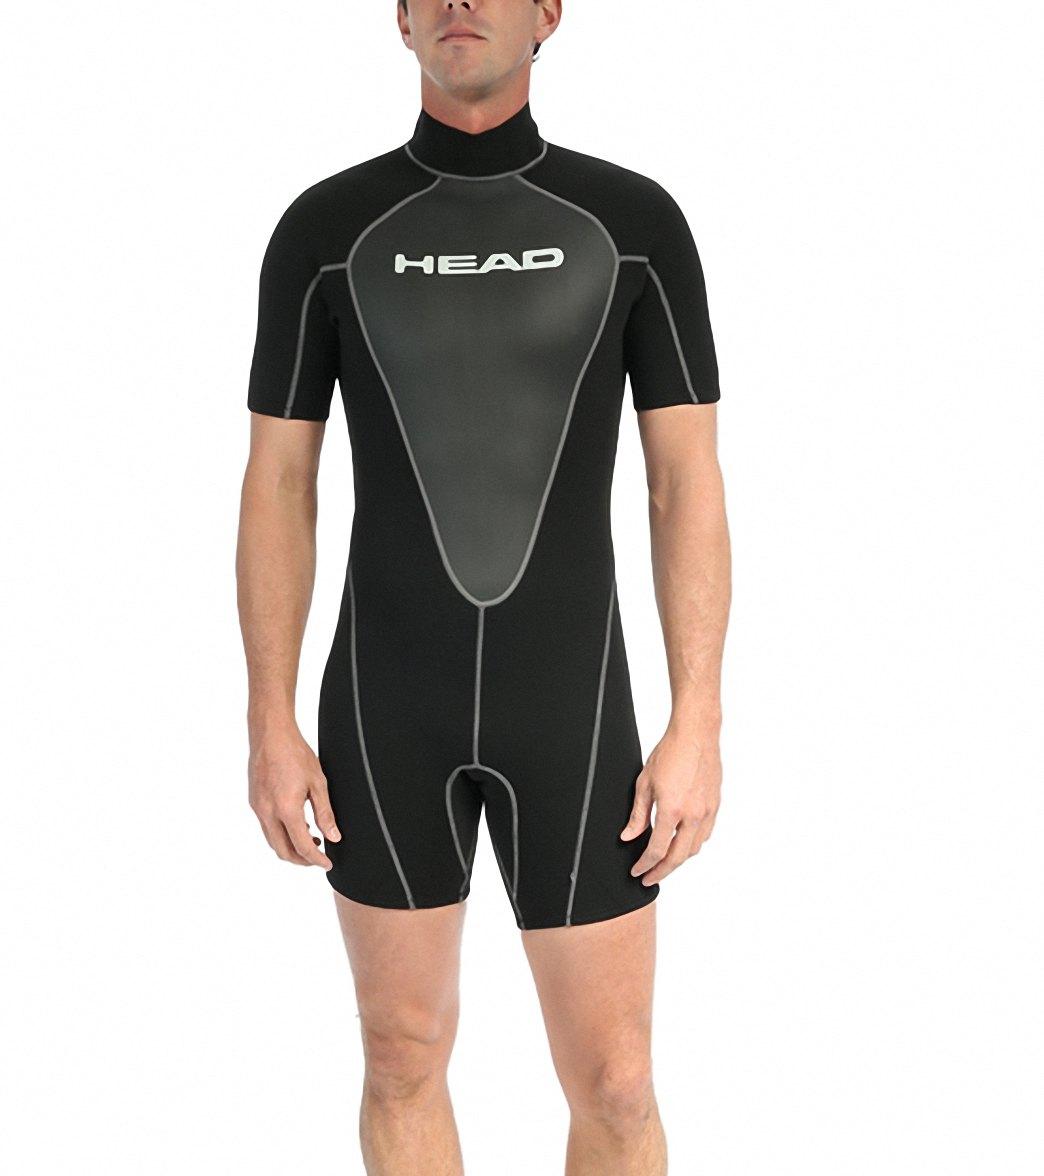 fc14b0e2da2b8 Men's Scuba Diving Wetsuits at SwimOutlet.com